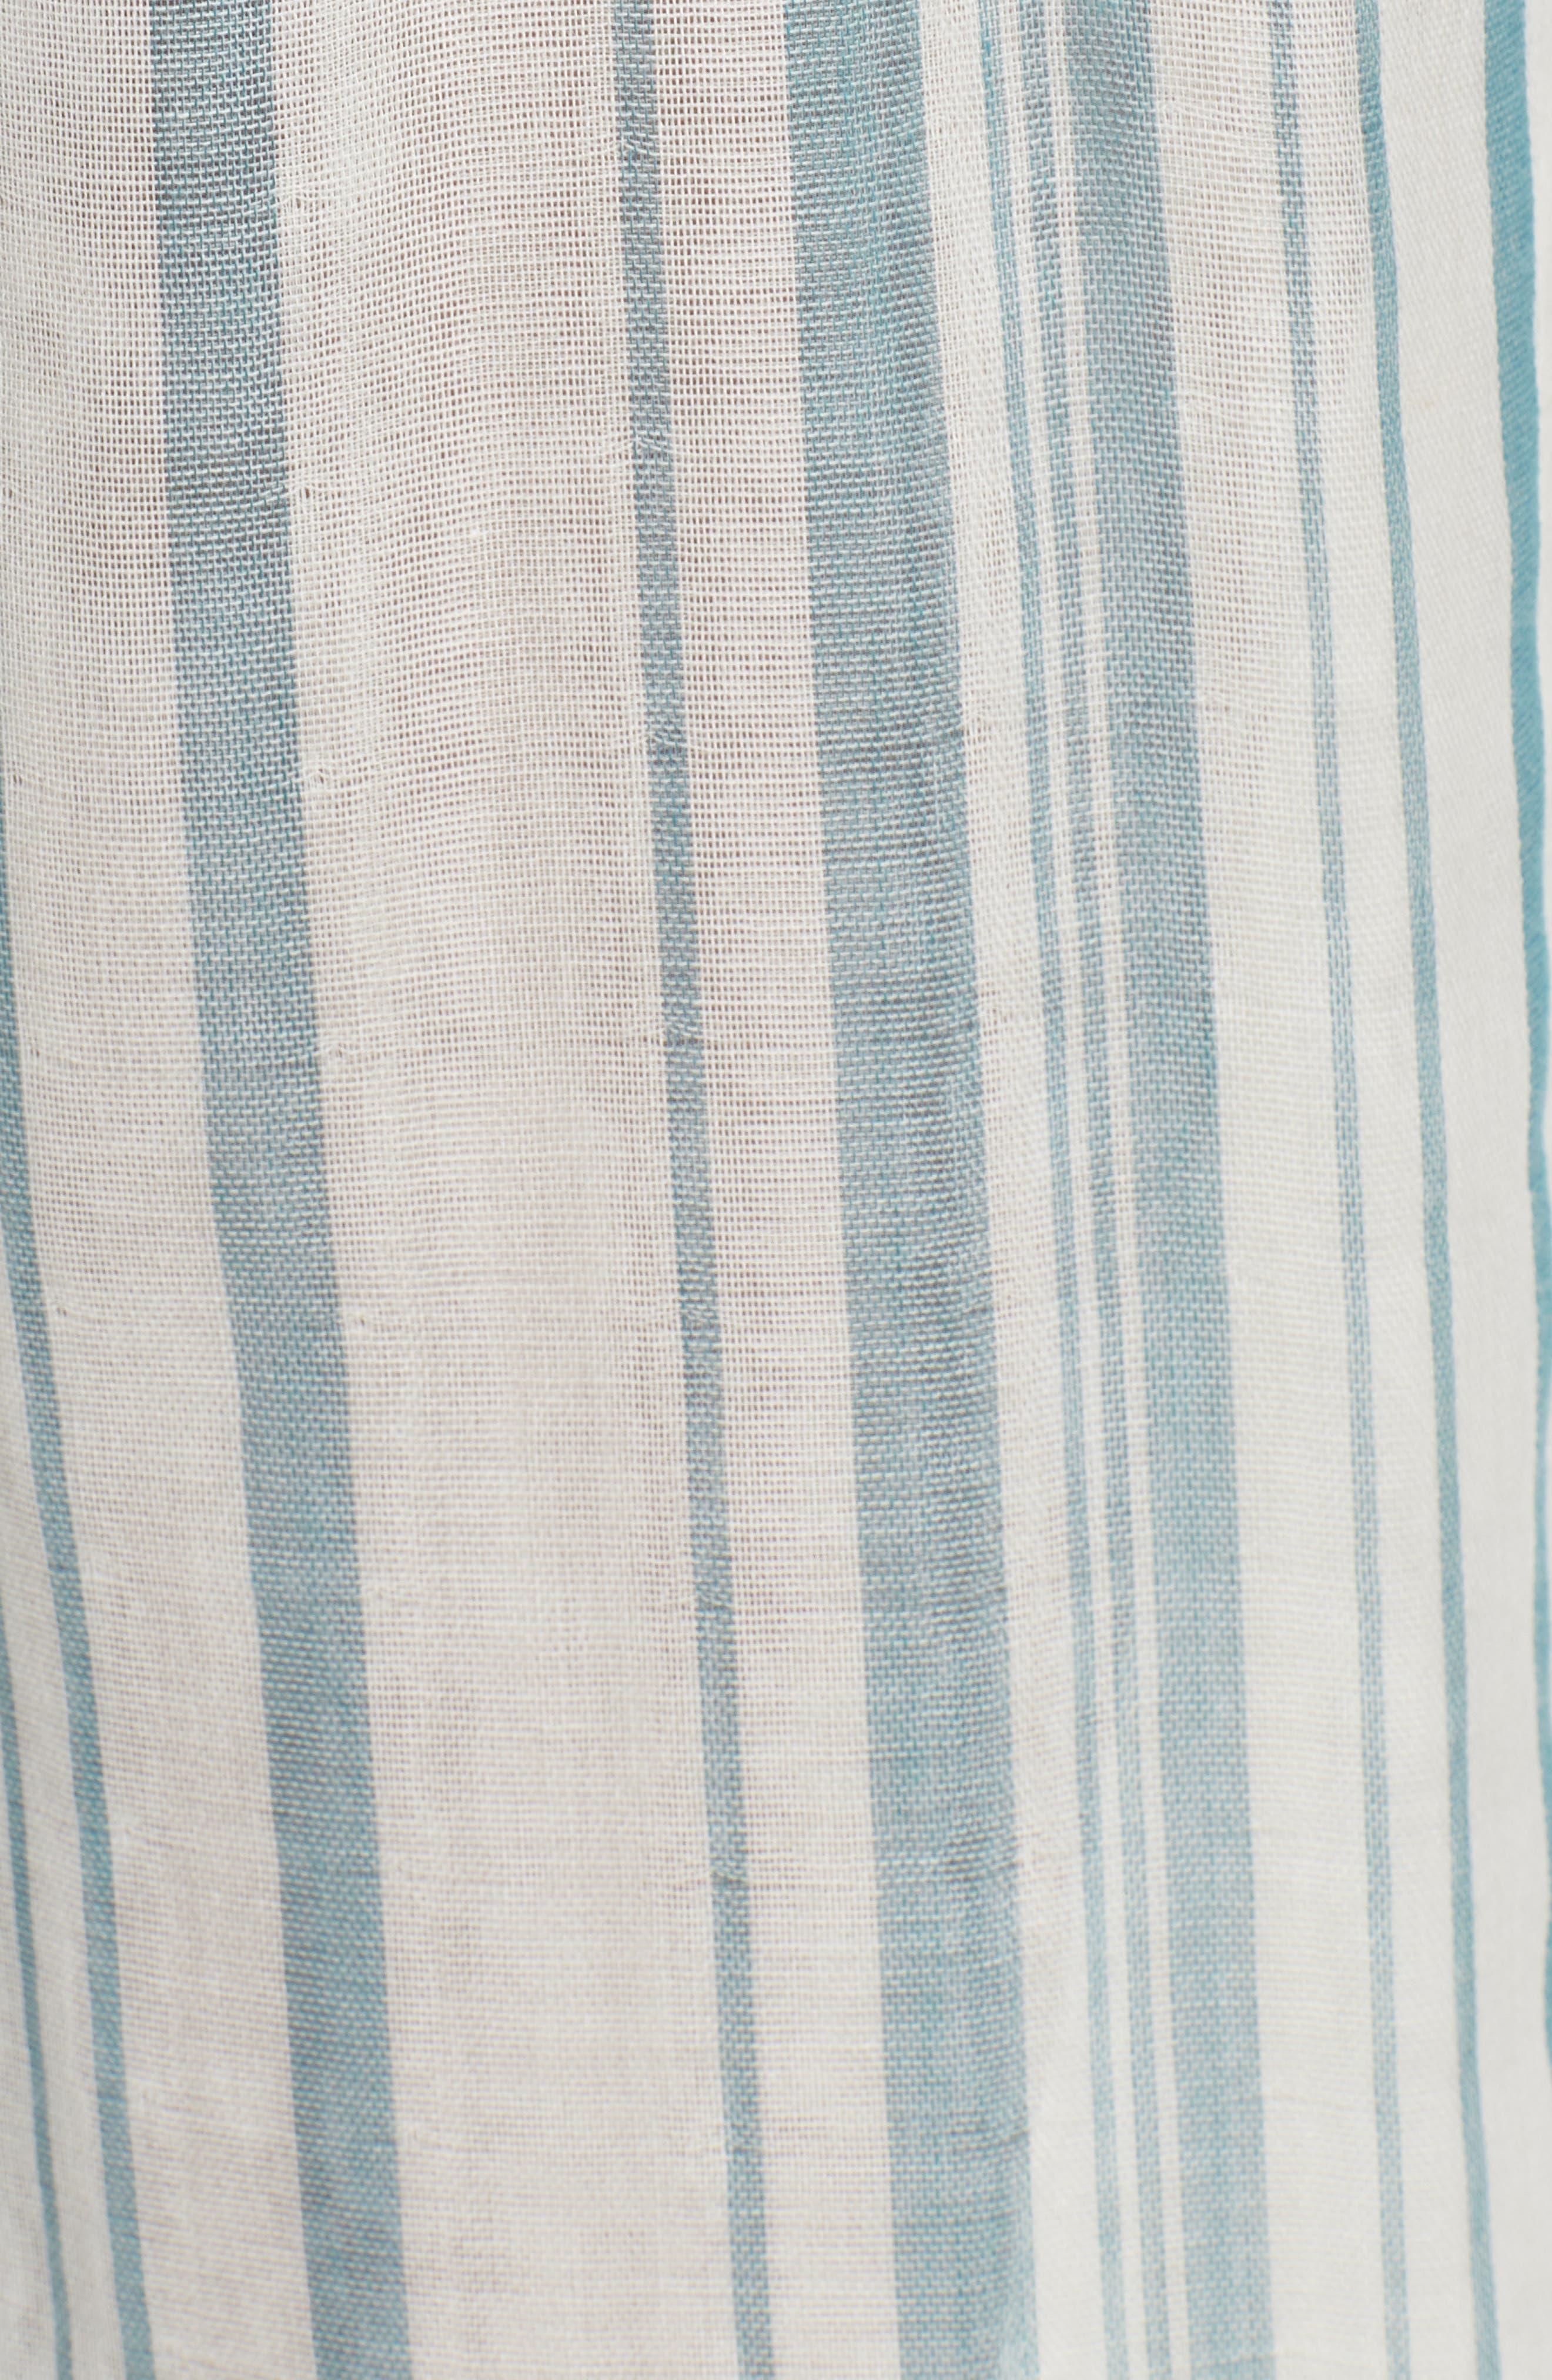 Peterson Wide Leg Pants,                             Alternate thumbnail 3, color,                             Point Dume Stripe